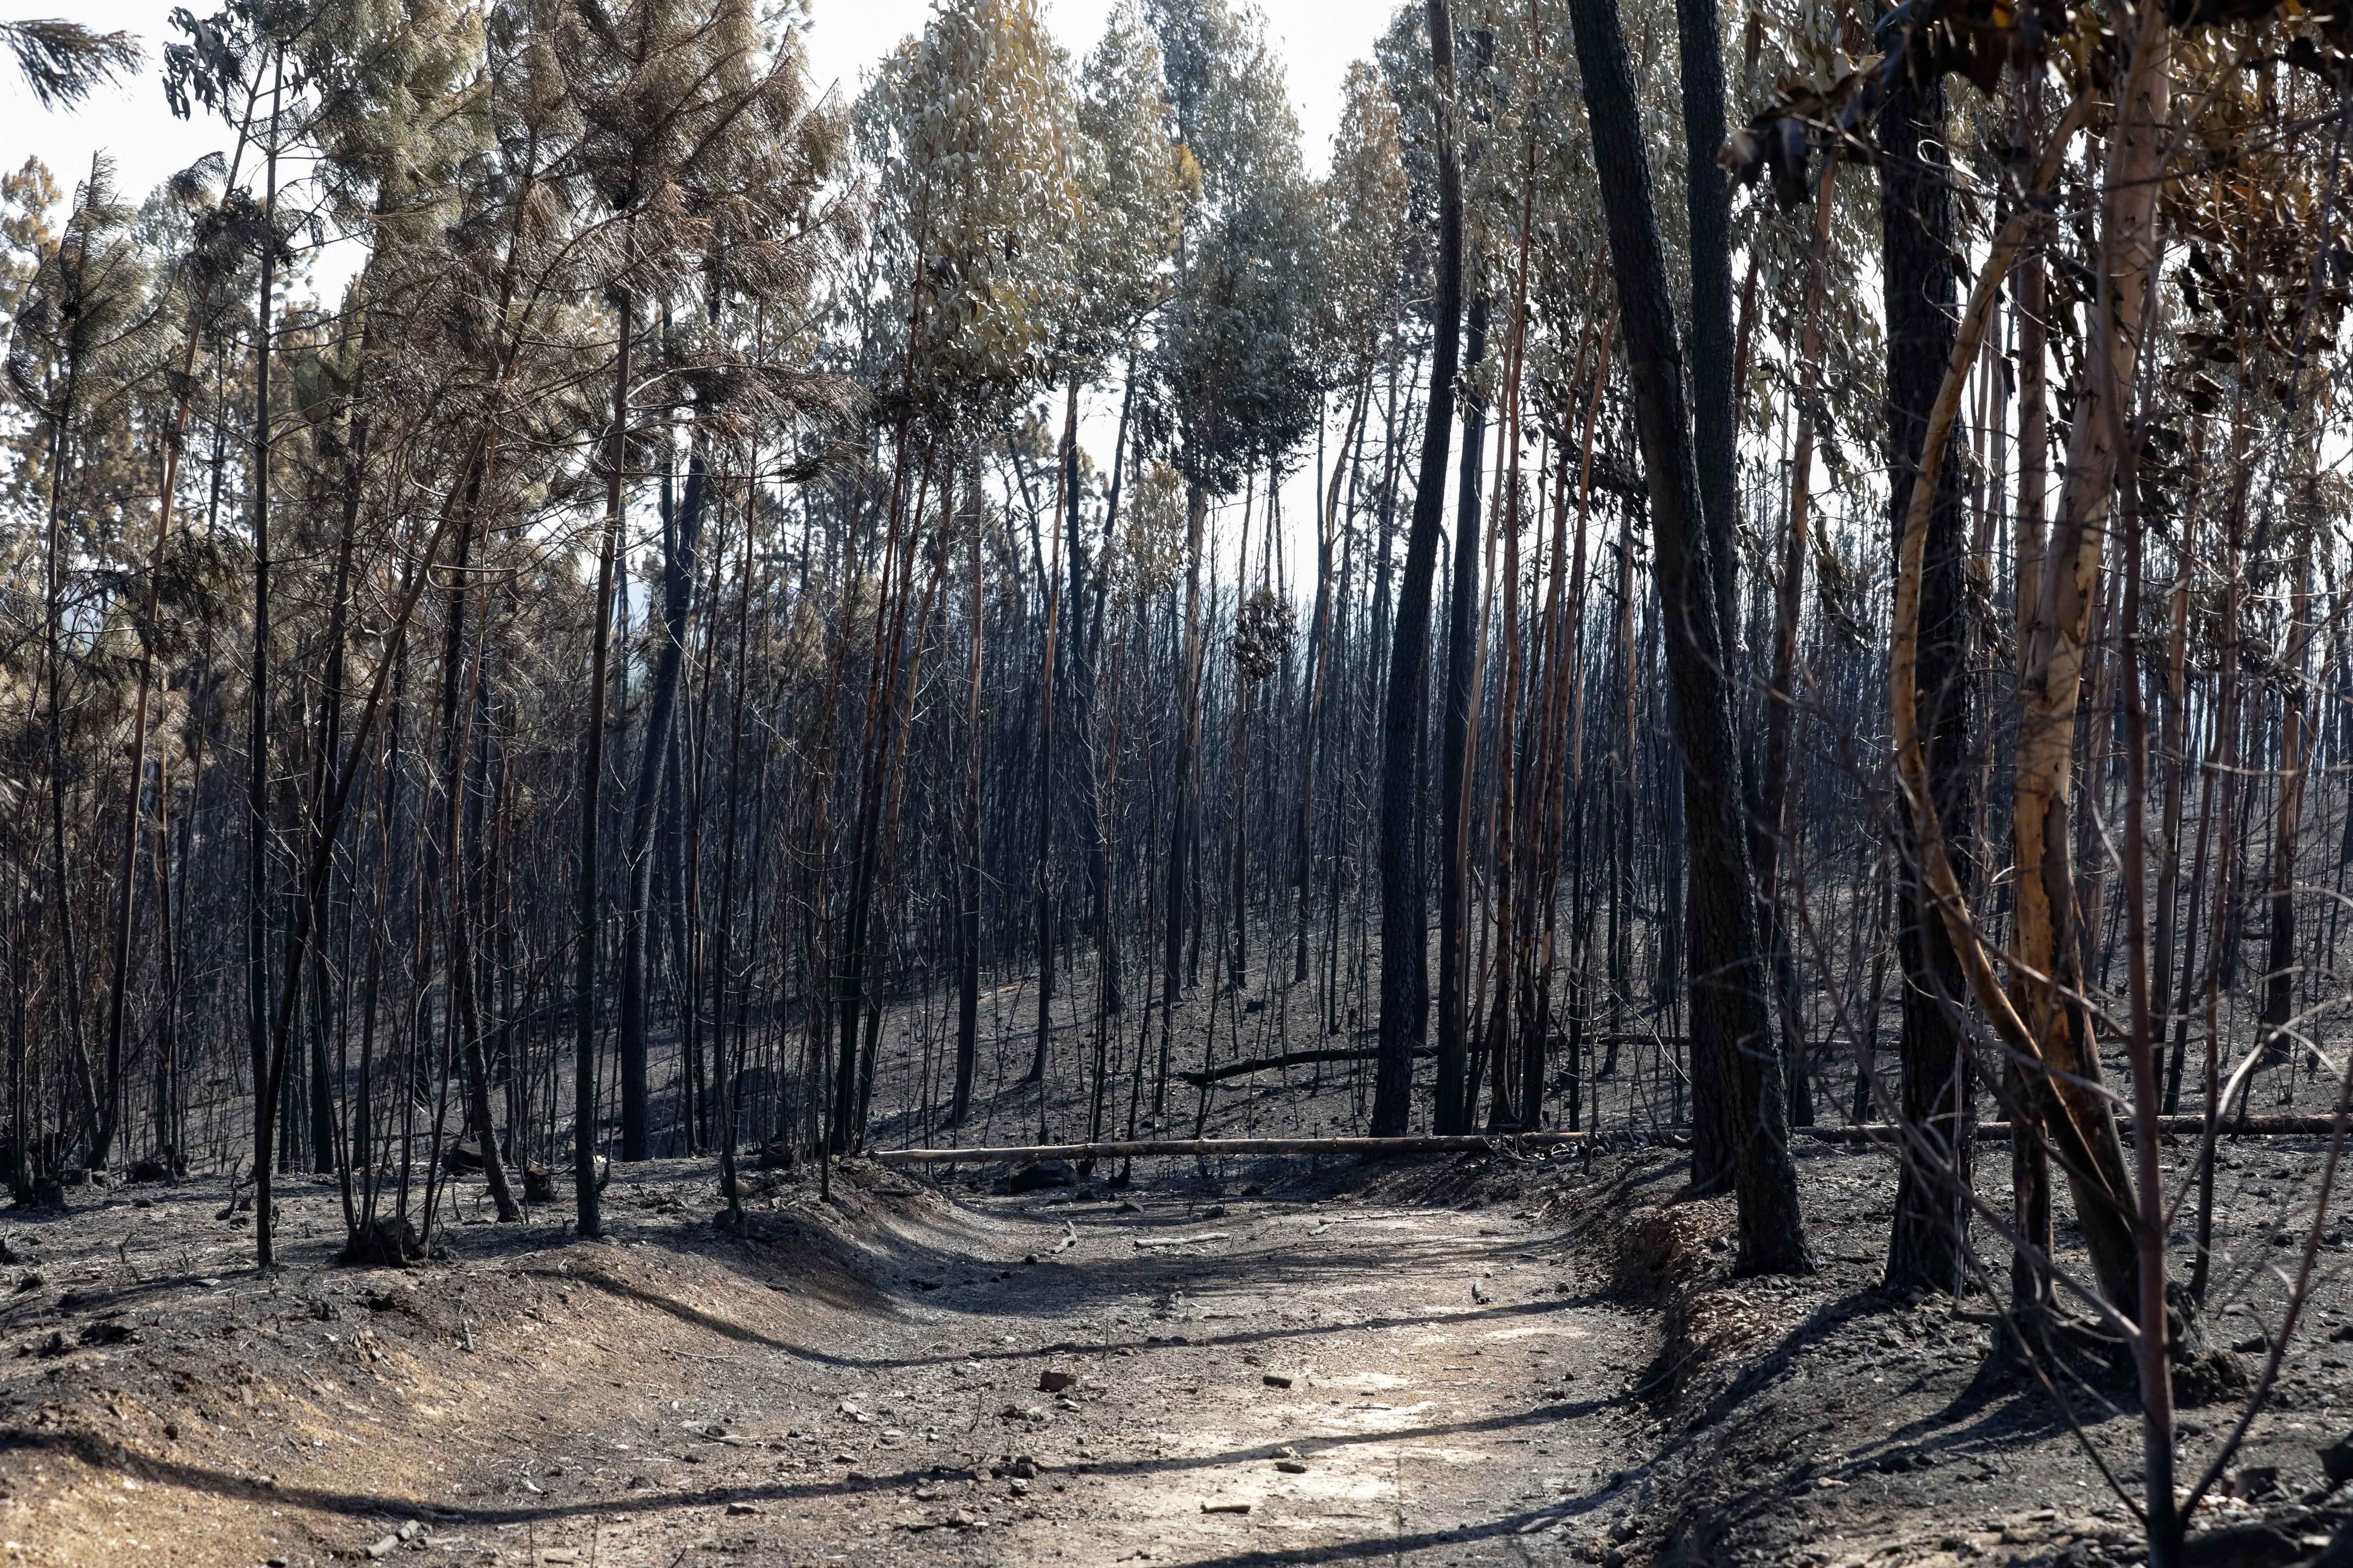 Mação congratula-se por passo dado com plano de recuperação florestal